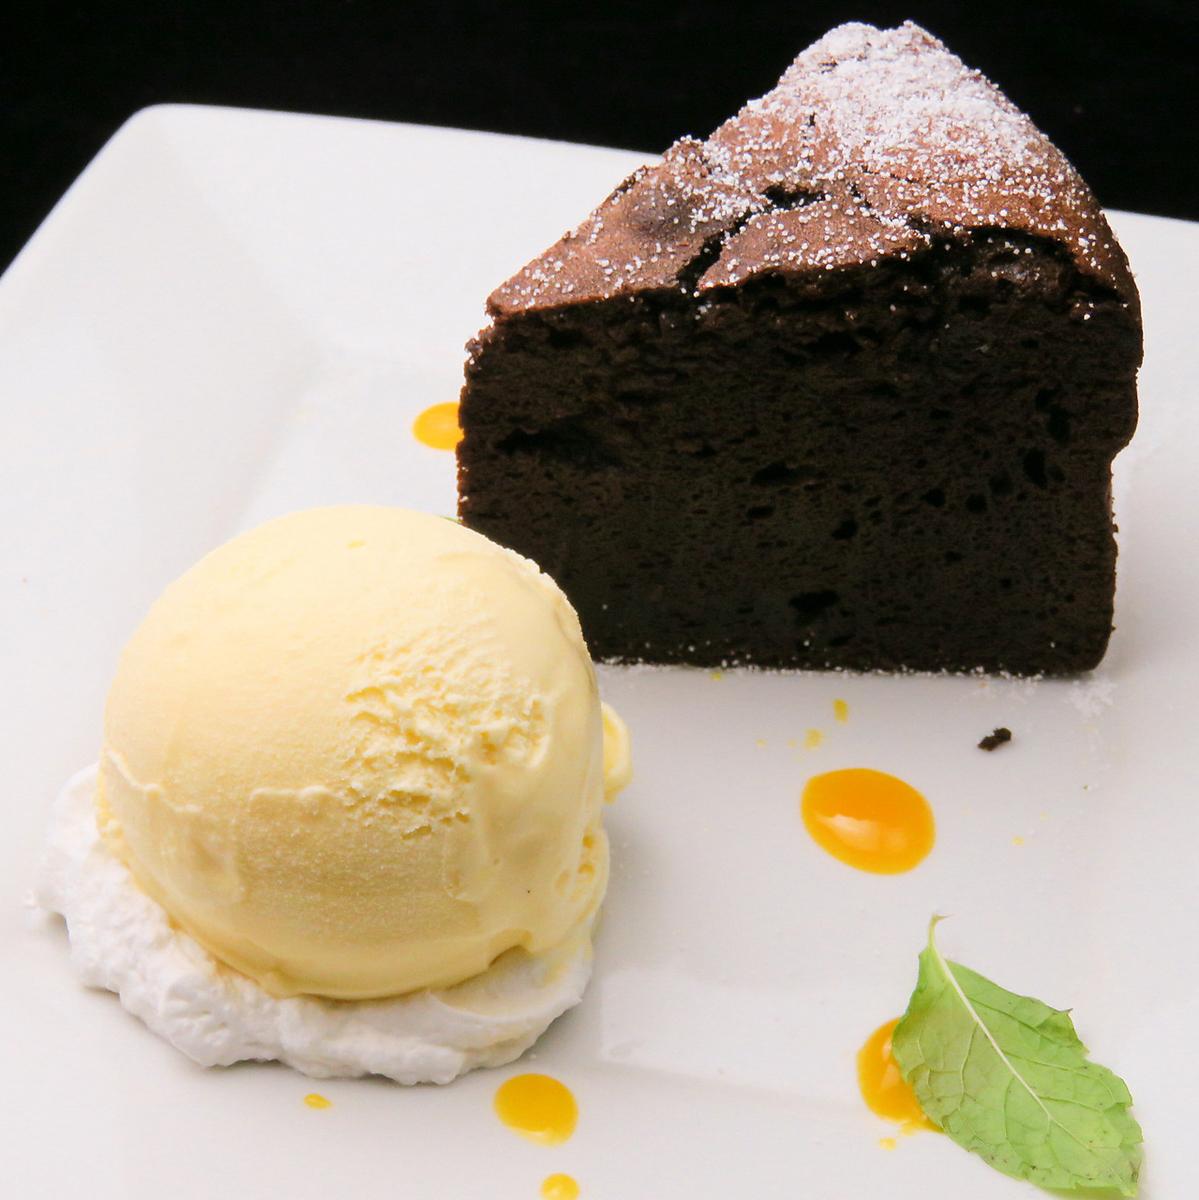 温暖的特制的巧克力香草冰淇淋